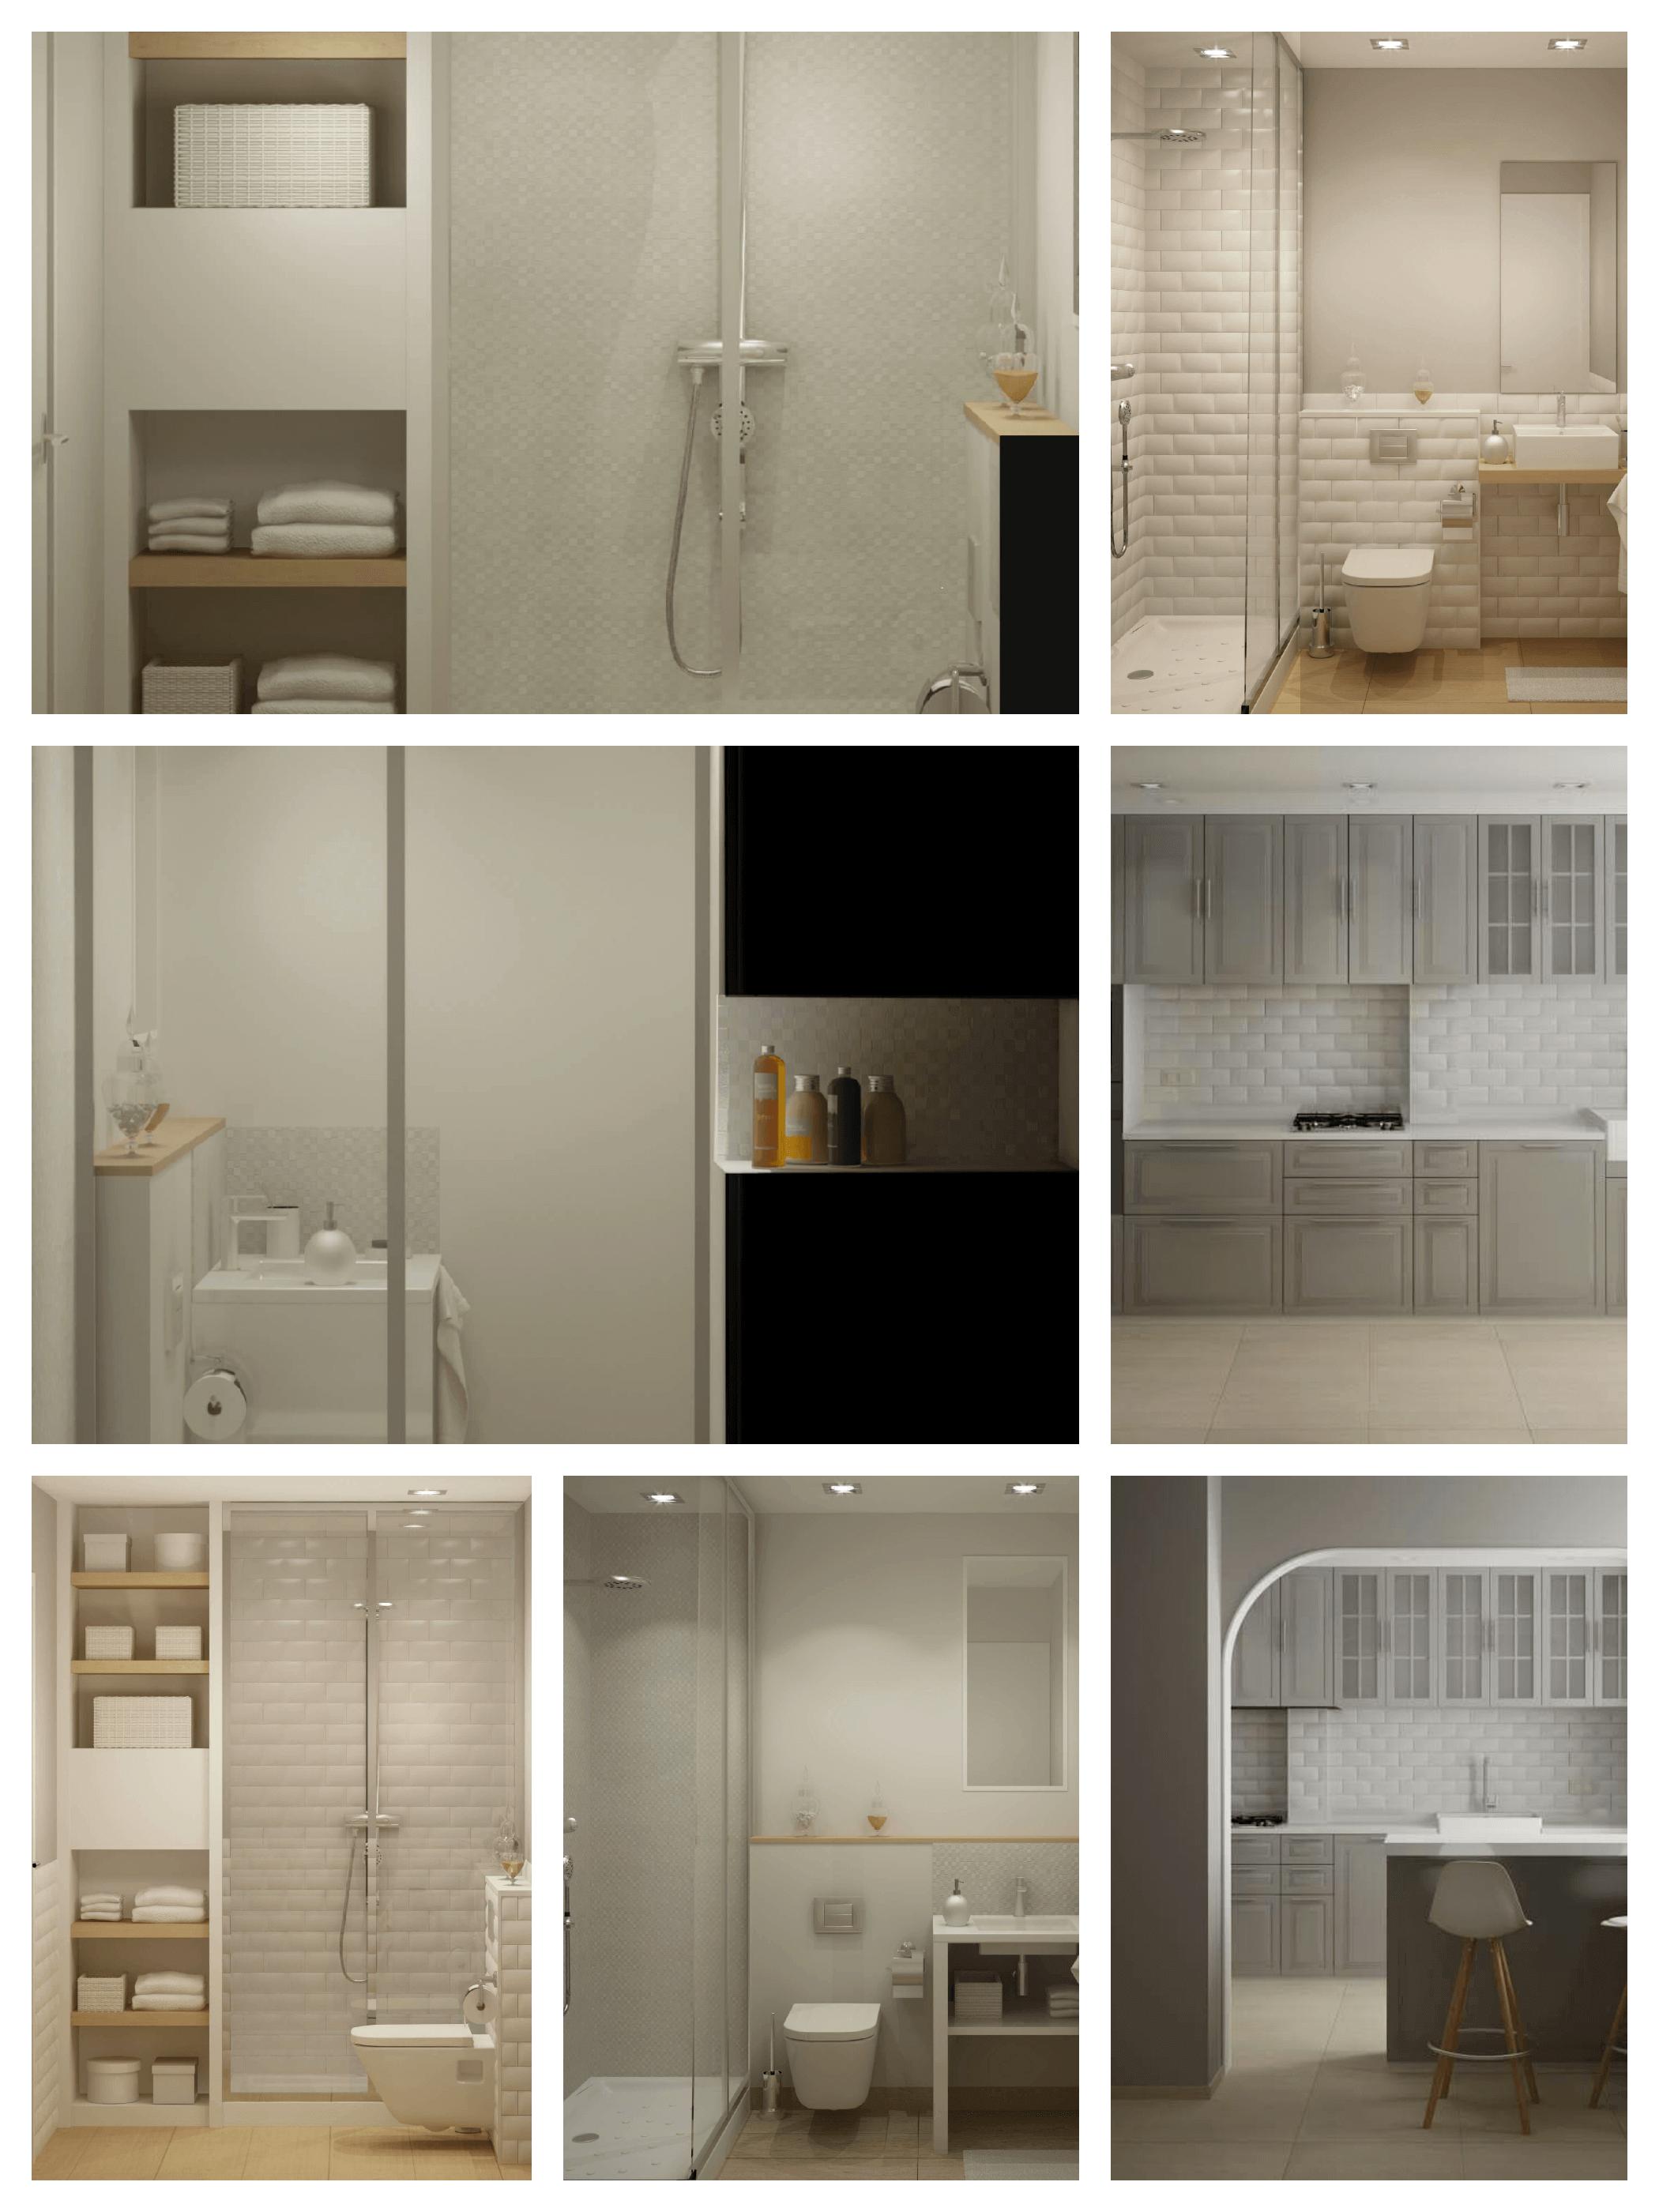 Decoracion interiorismo coru a beatriz de roman vivienda - Arquitectura de interiores coruna ...